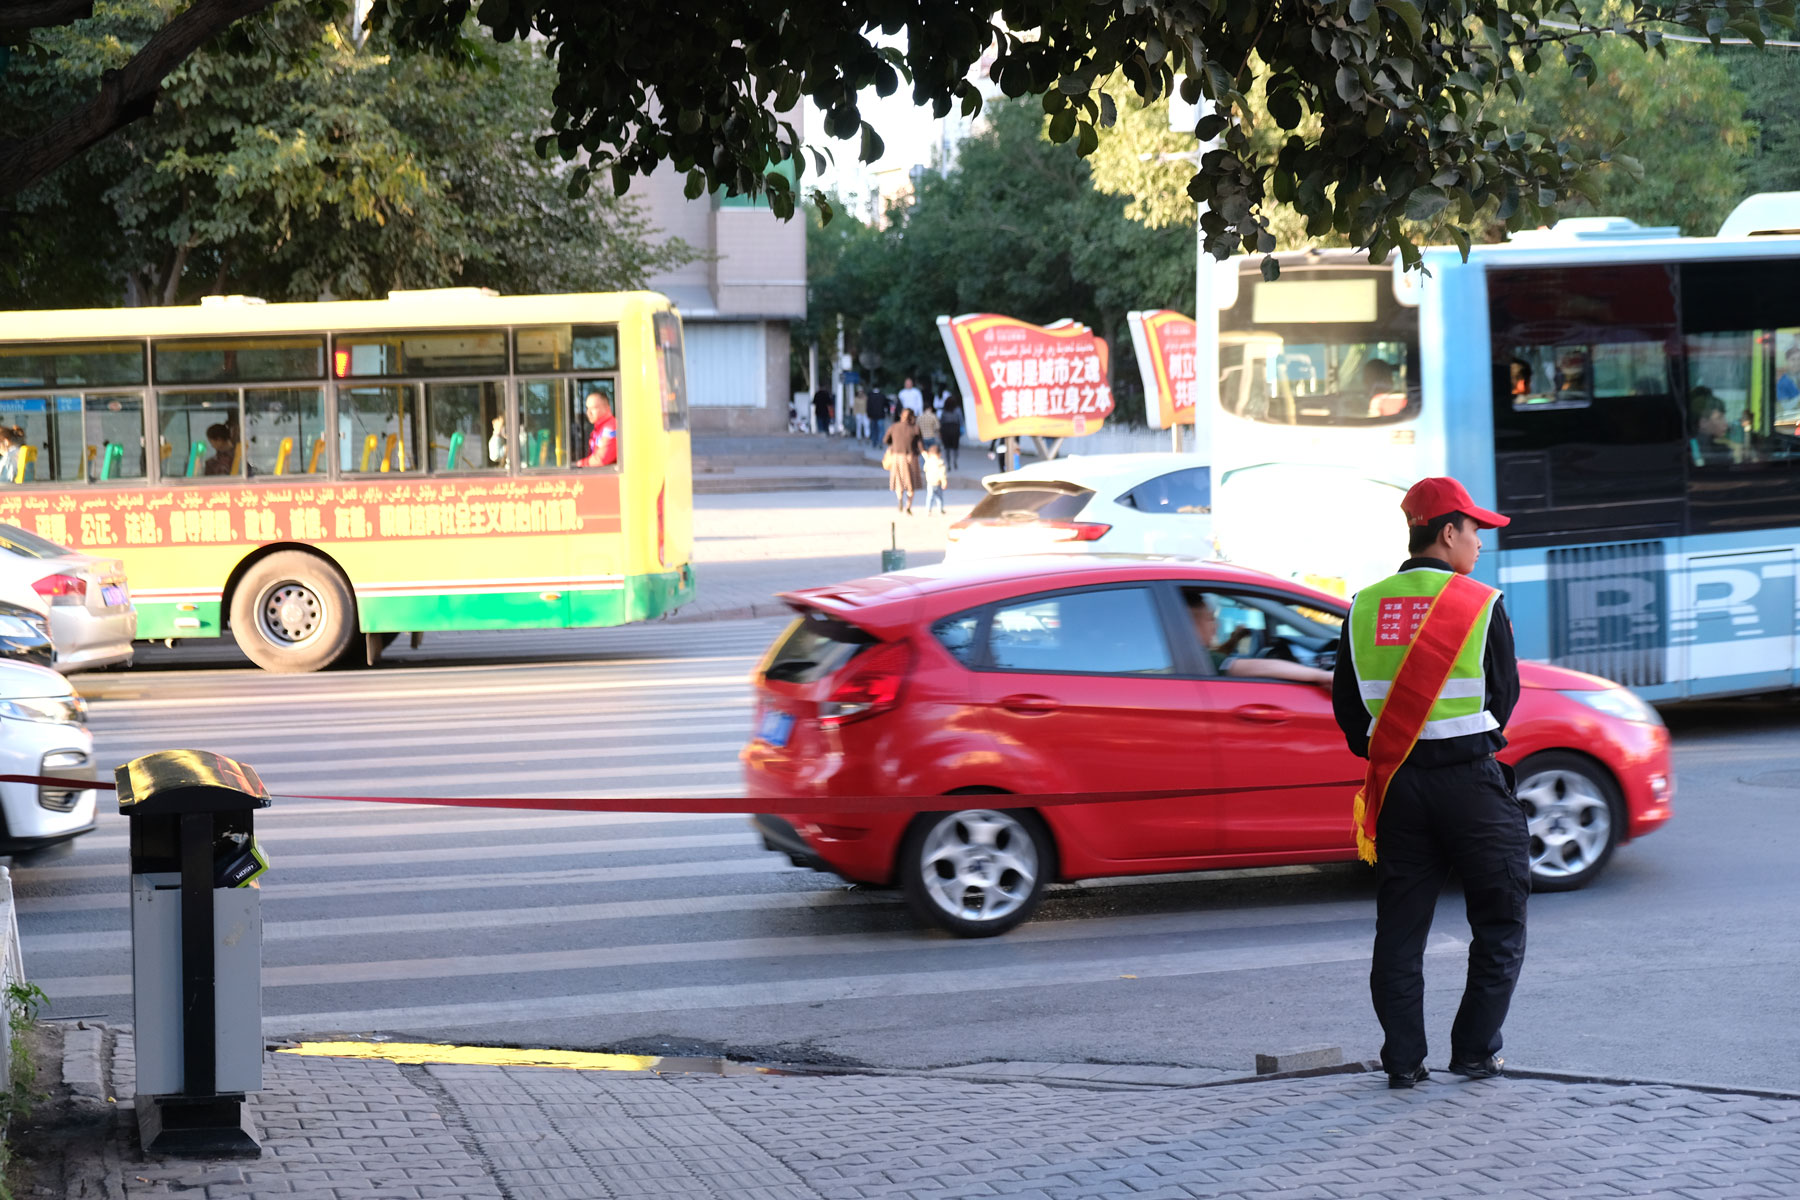 """Achtung, Achtung! Damit wirklich niemand über die rote Ampel läuft, finden wir in ganz Urumqi immer wieder """"Straßenwärter"""", die ein rotes Band halten. Erst, wenn die Ampel auf grün umschaltet, lassen sie das Band fallen und die Fußgänger dürfen die Straße überqueren."""